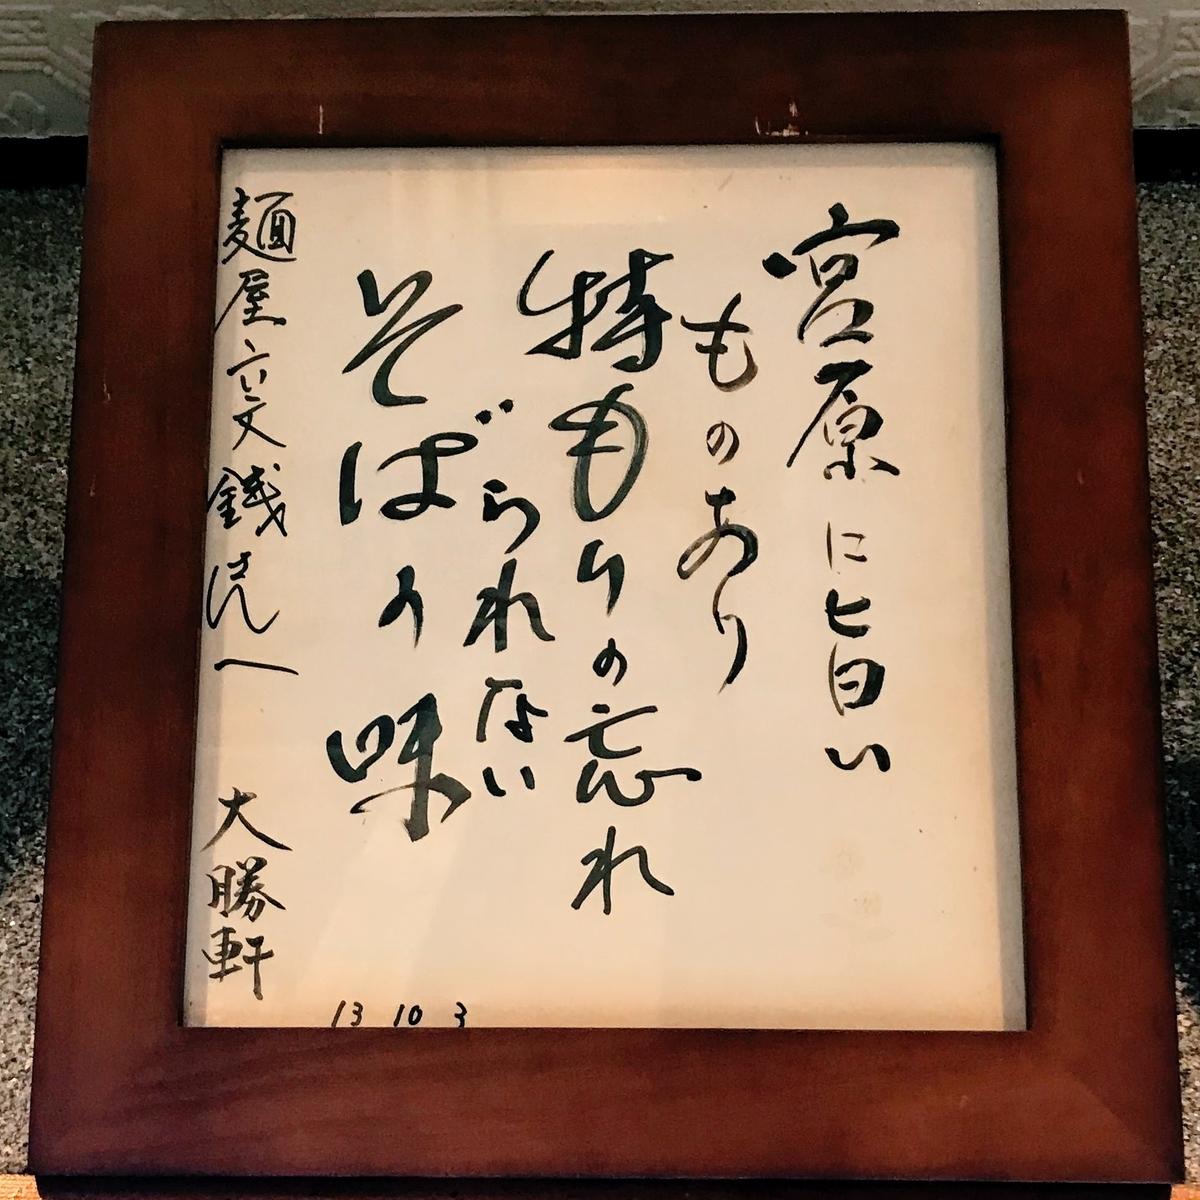 山岸一雄氏から贈られた六文銭の開店祝いの色紙「宮原に旨いものあり特もりの忘れられないそばの味」